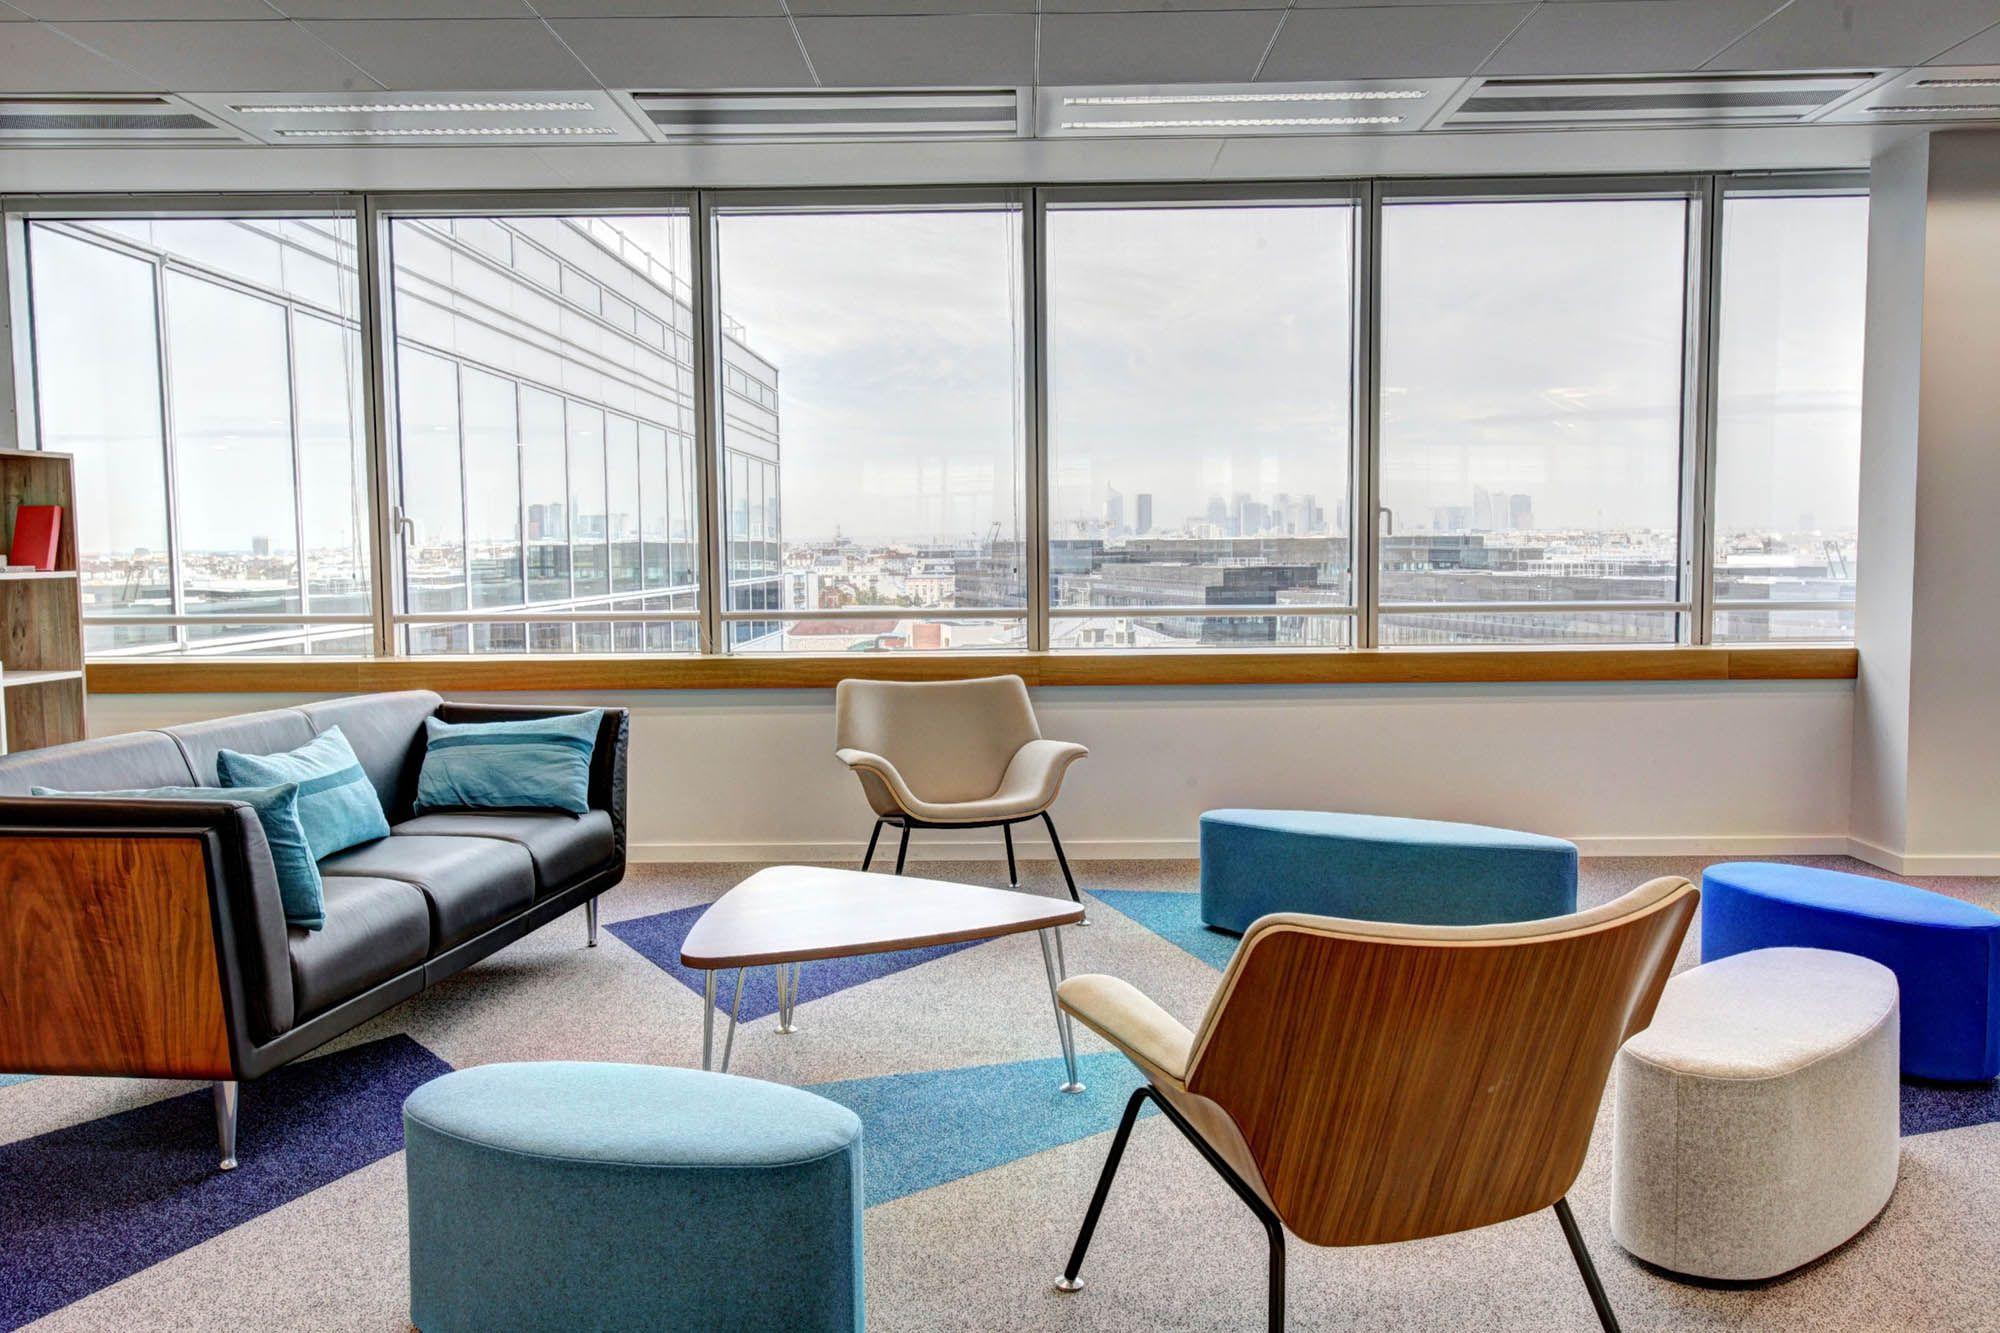 Tendencias en Branding de espacios en 2017